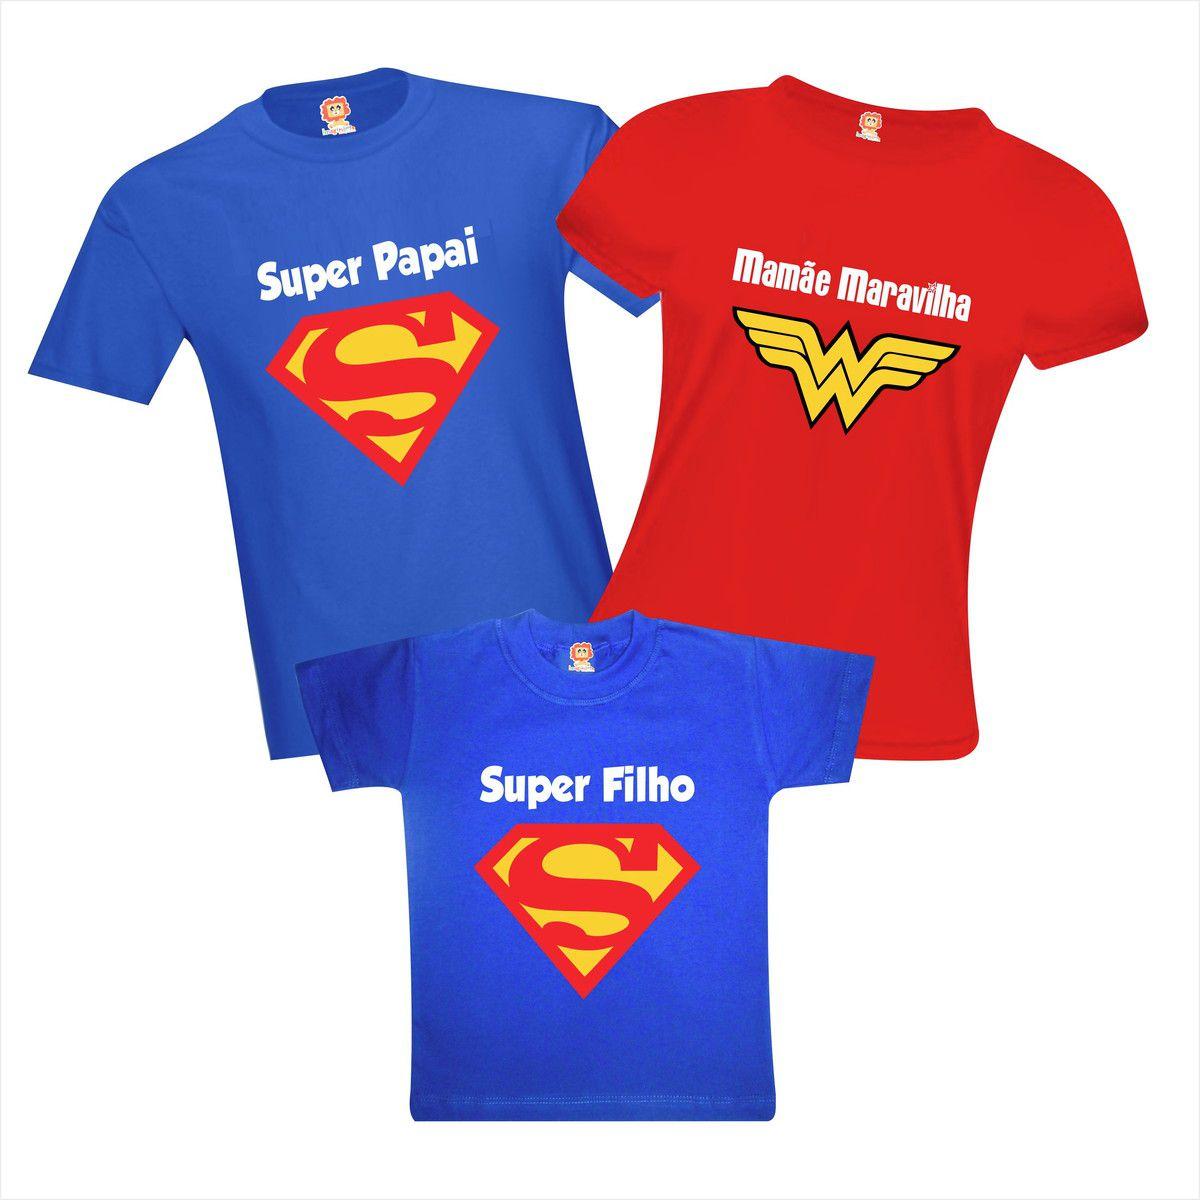 Camisetas Família Super Papai Filho Mamãe Maravilha